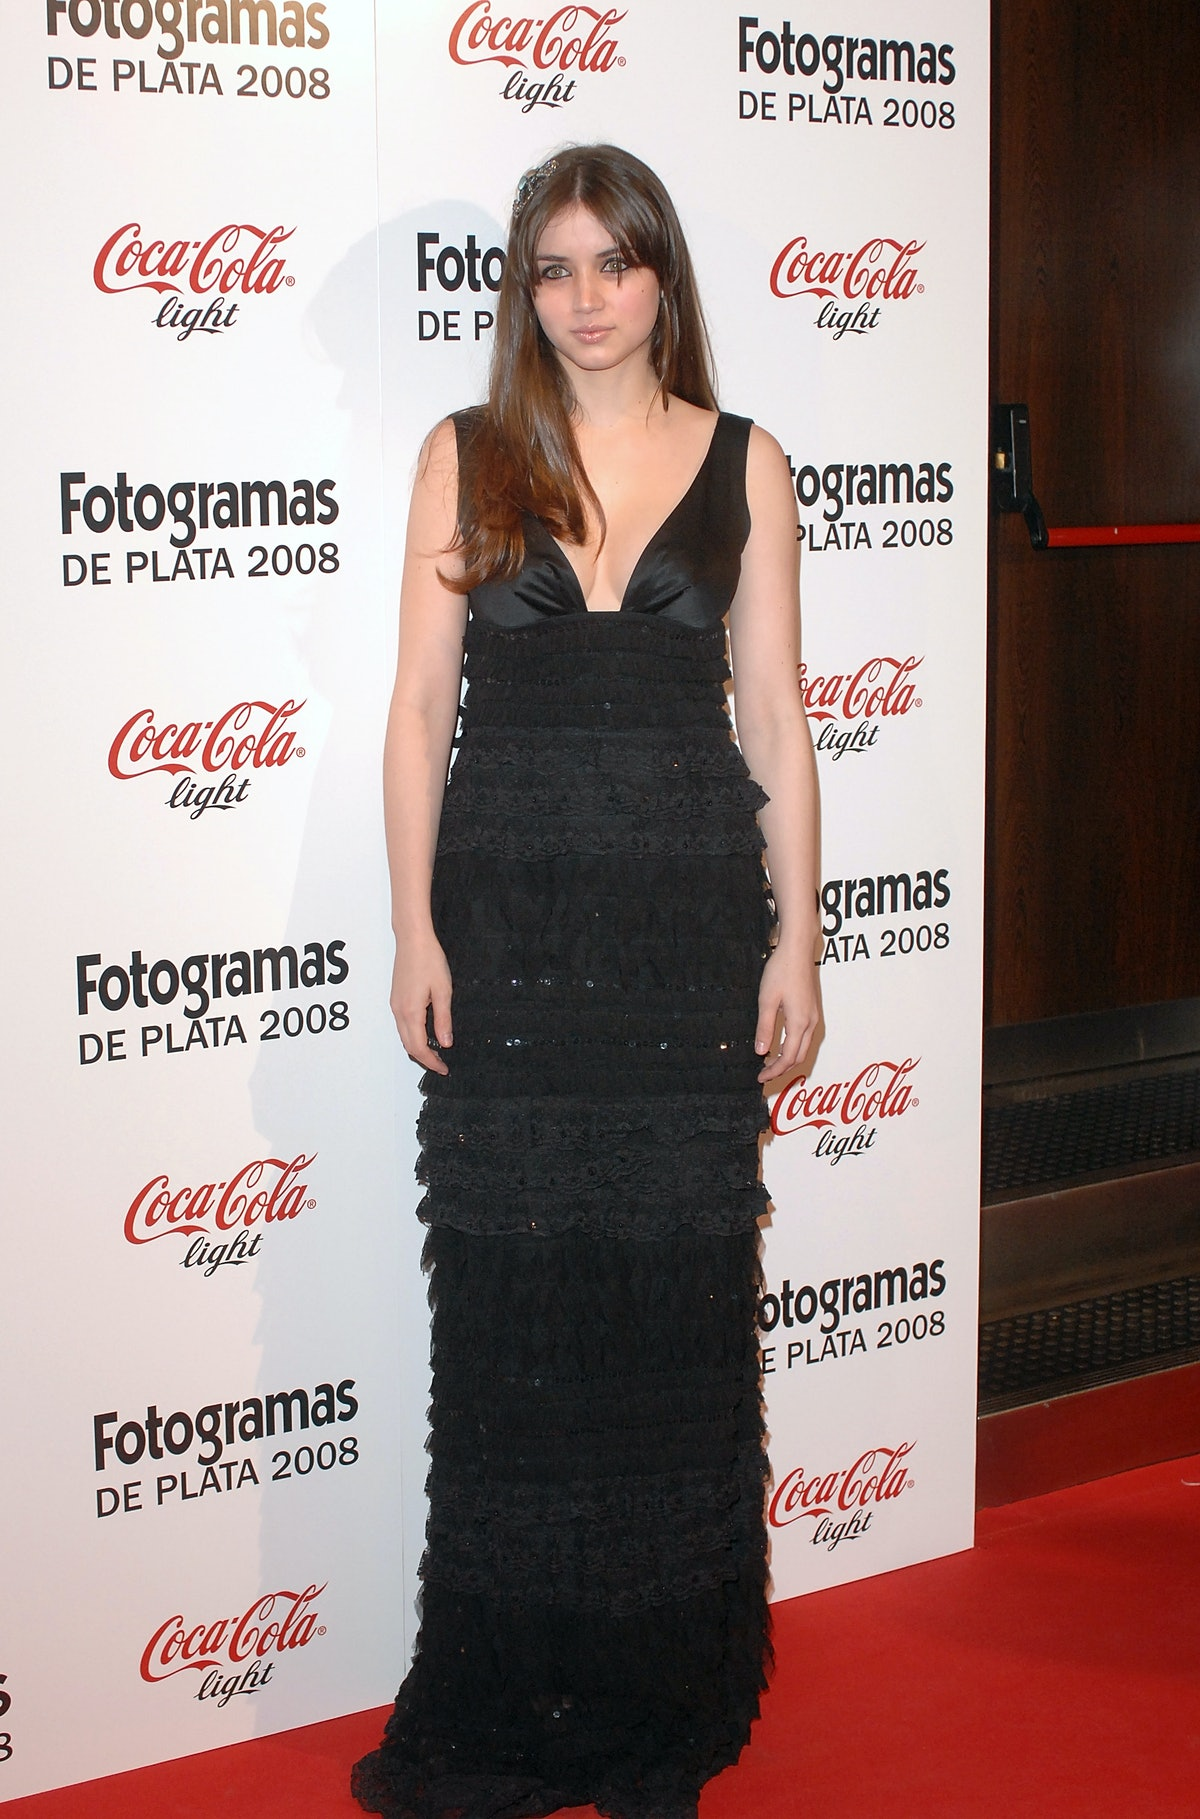 آنا د آرماس در 2 مارس 2009 در محل جوایز سینمایی مجله Fotogramas ، در باشگاه Joy Eslava وارد می شود ...